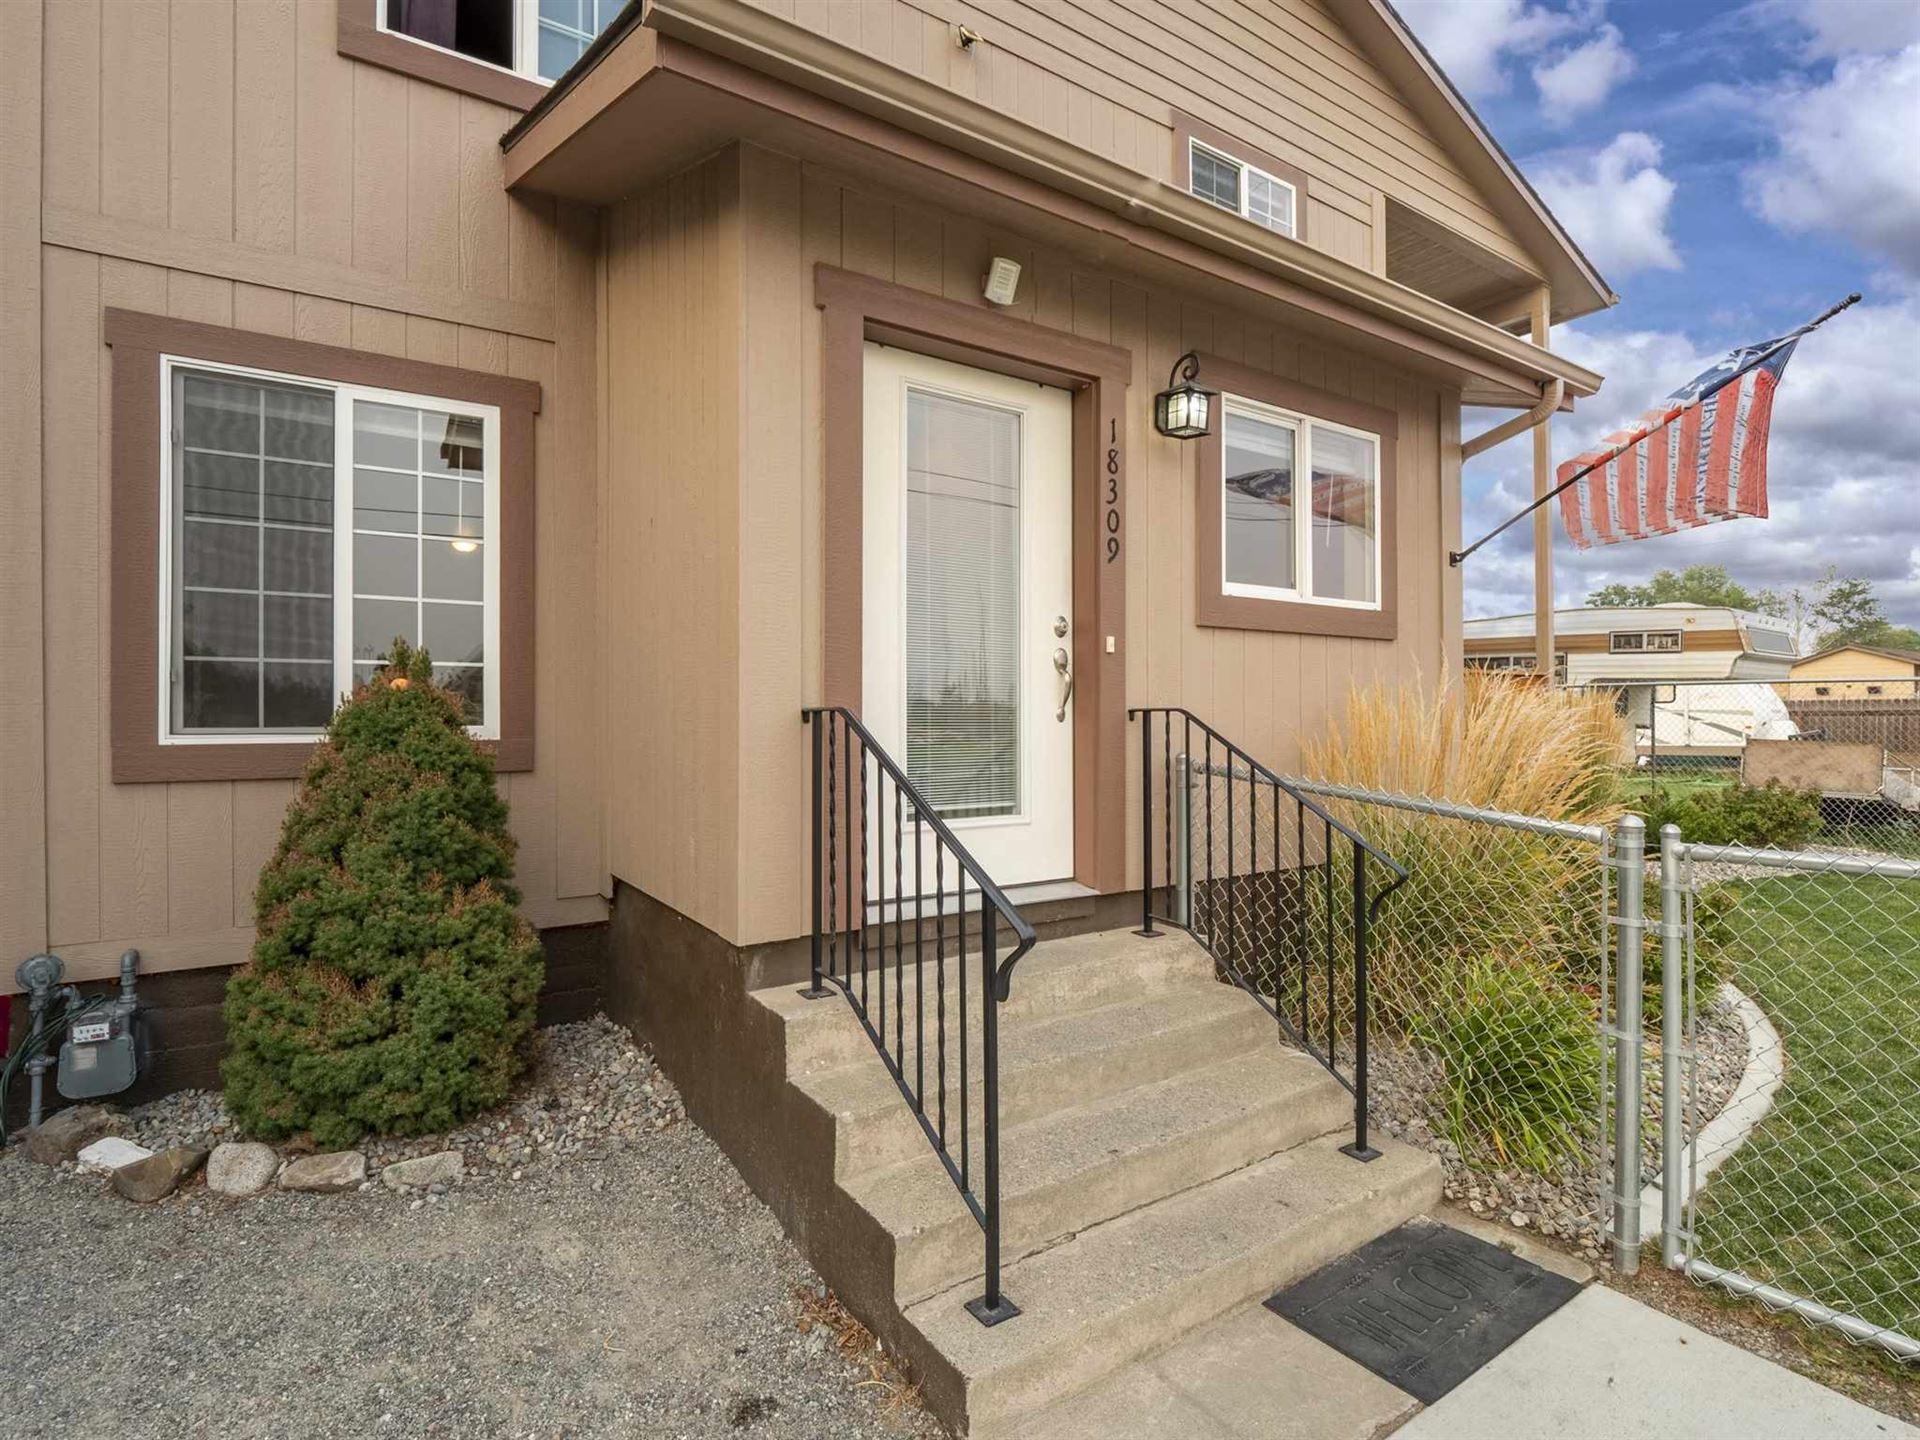 18309 E Desmet Ave, Spokane Valley, WA 99016 - #: 202121003